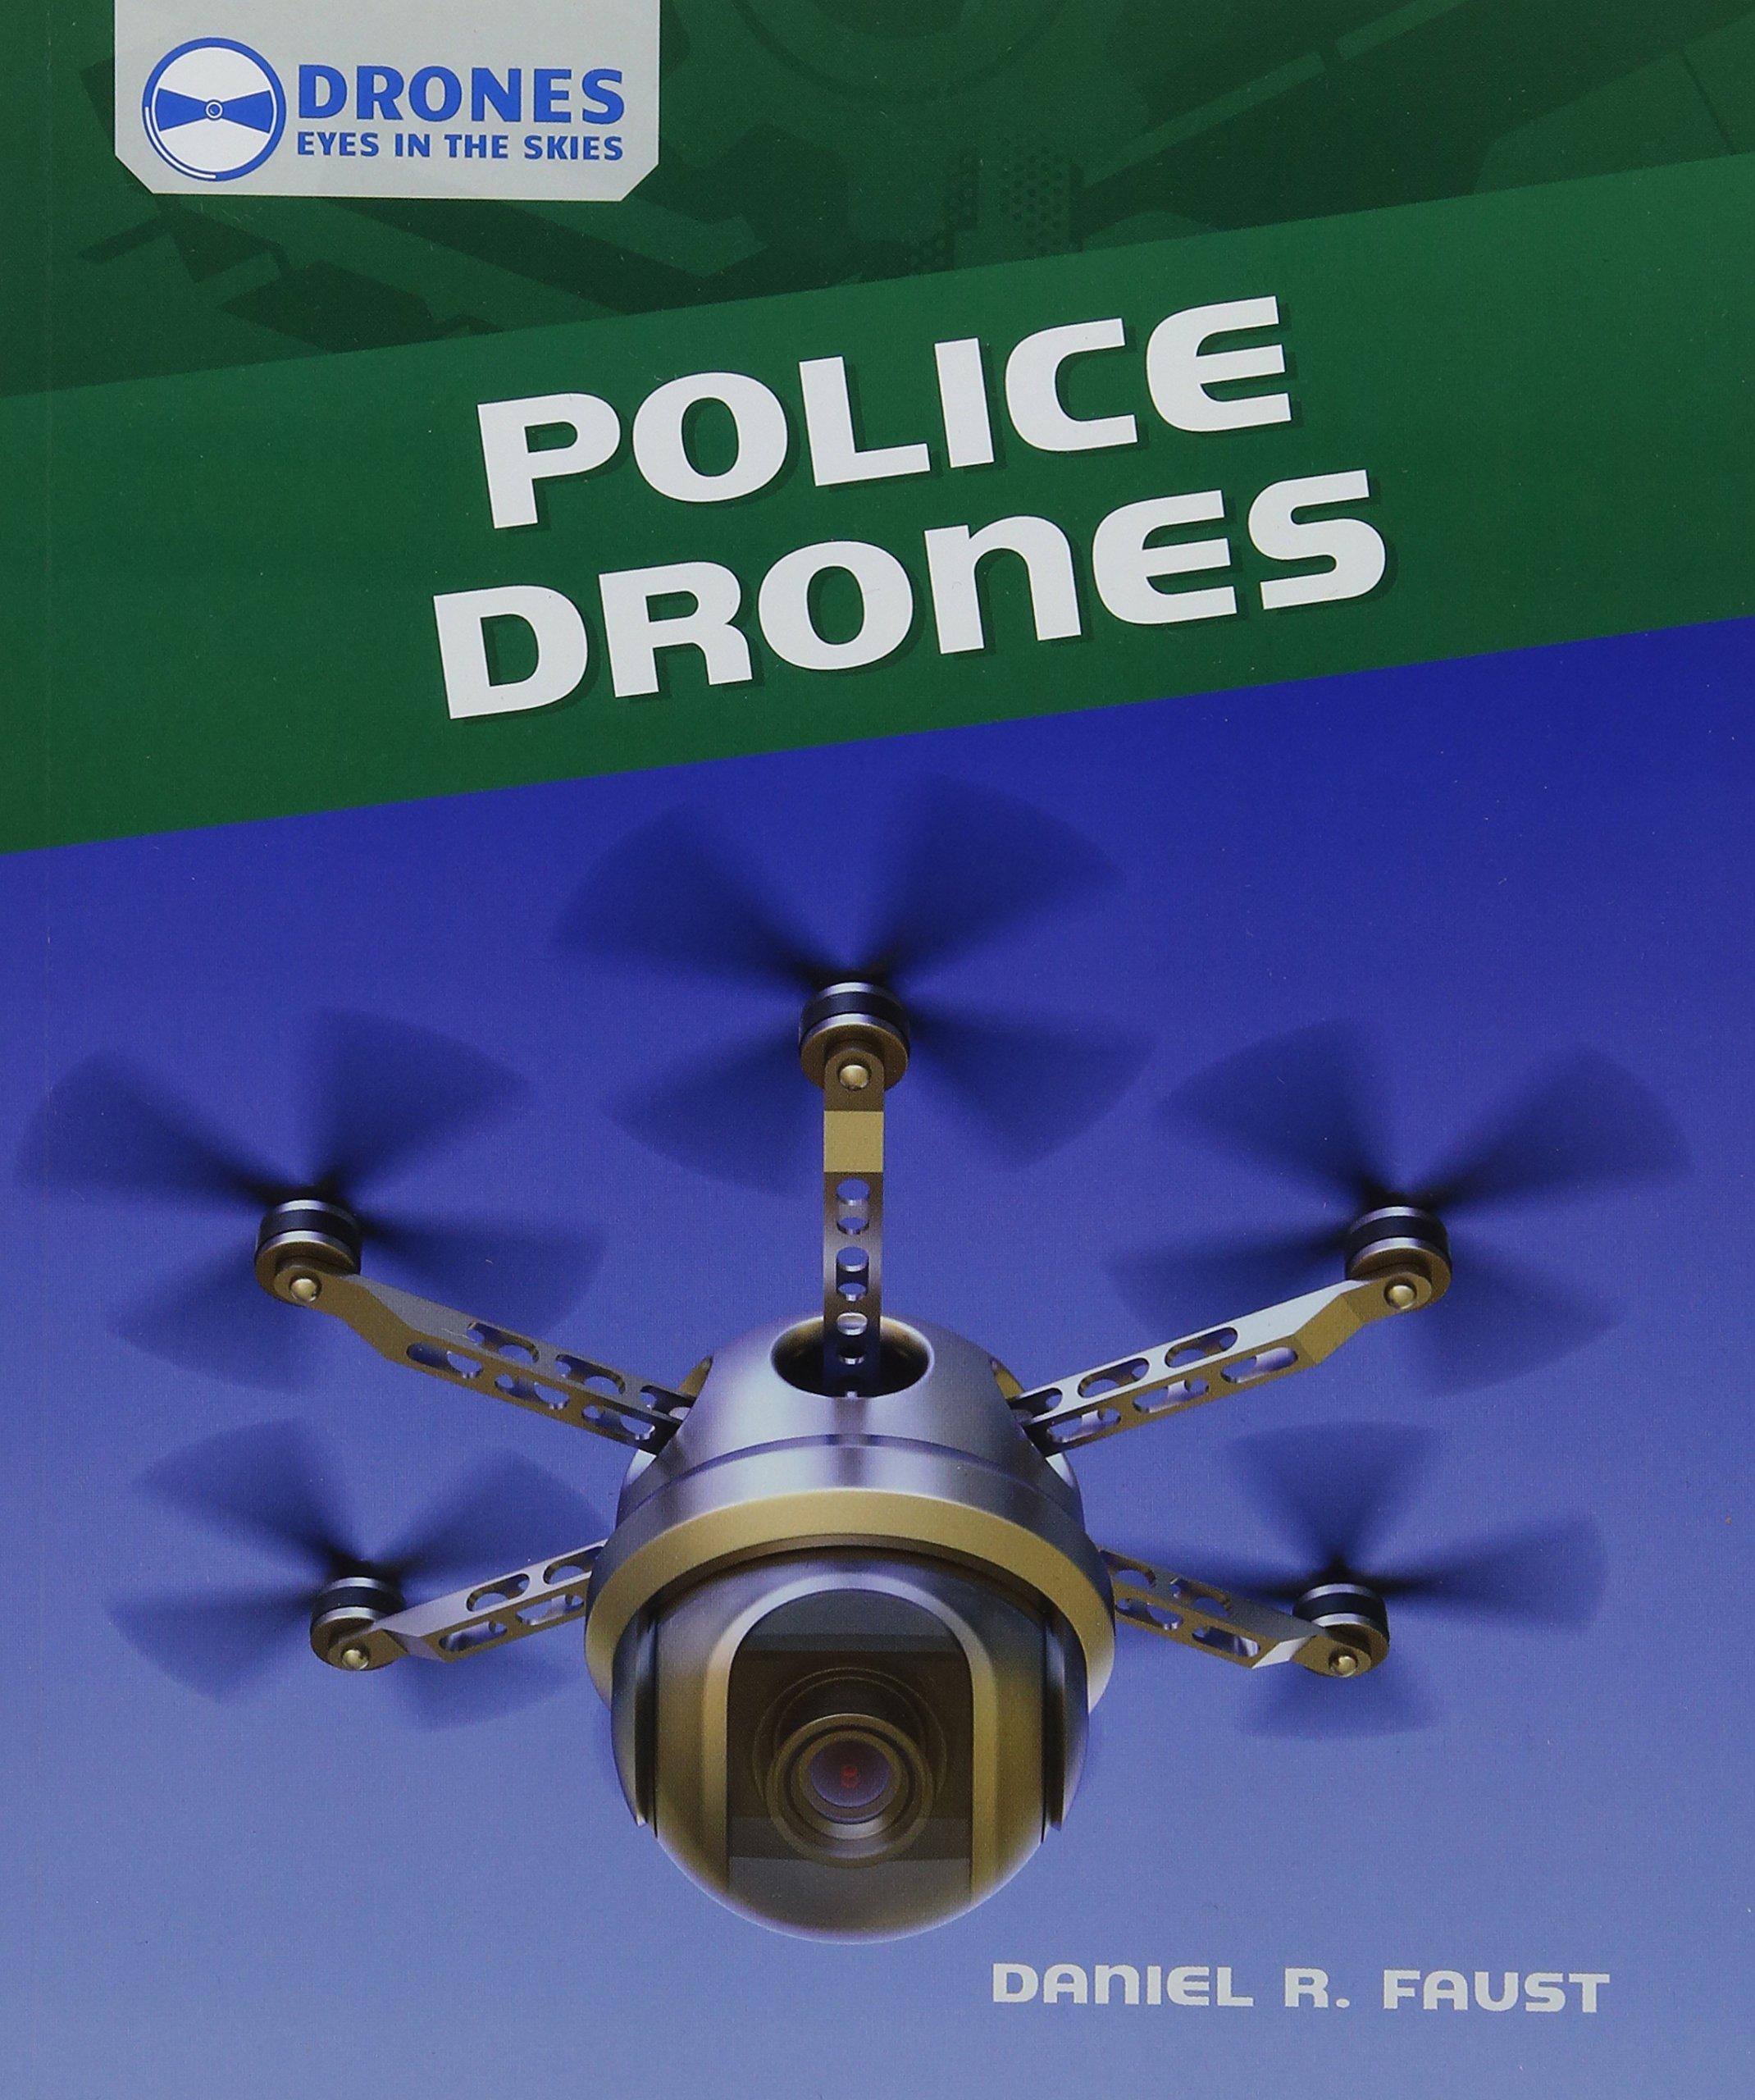 Police Drones (Drones: Eyes in the Skies)